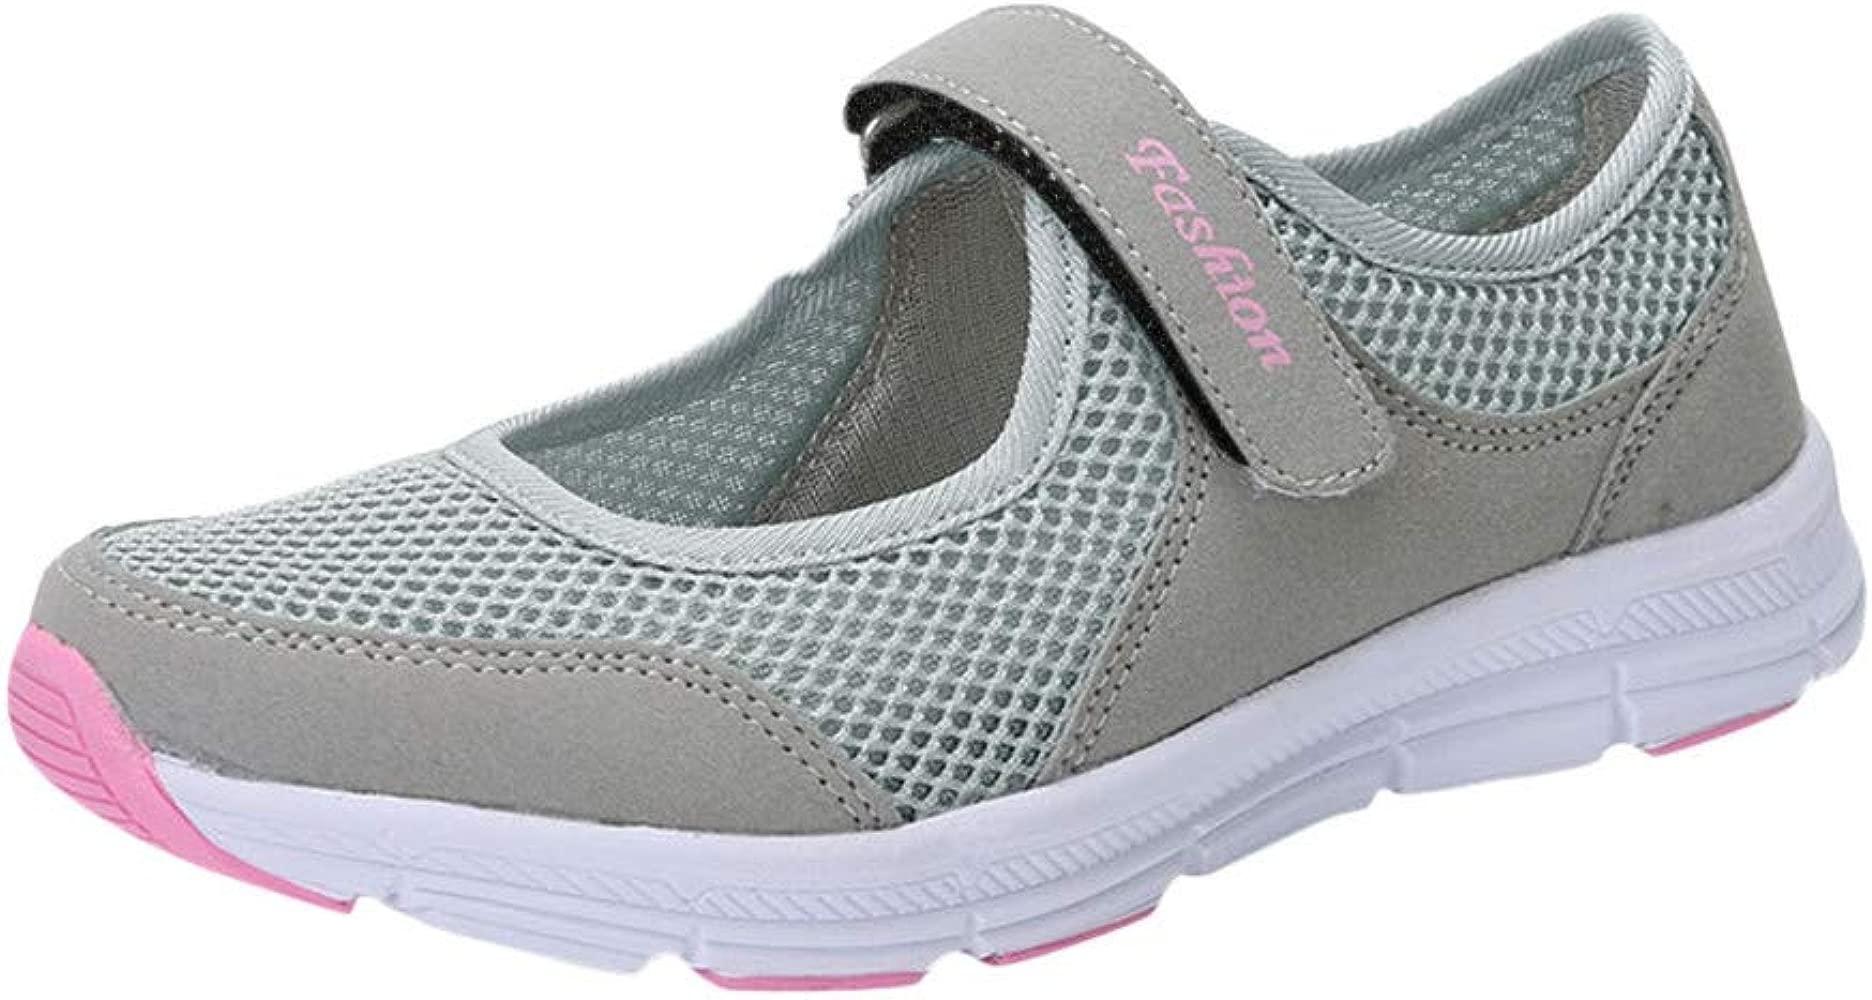 Zapatos Mujer,VECDY2019 Moda Zapatillas Zapatos Sandalias De ...